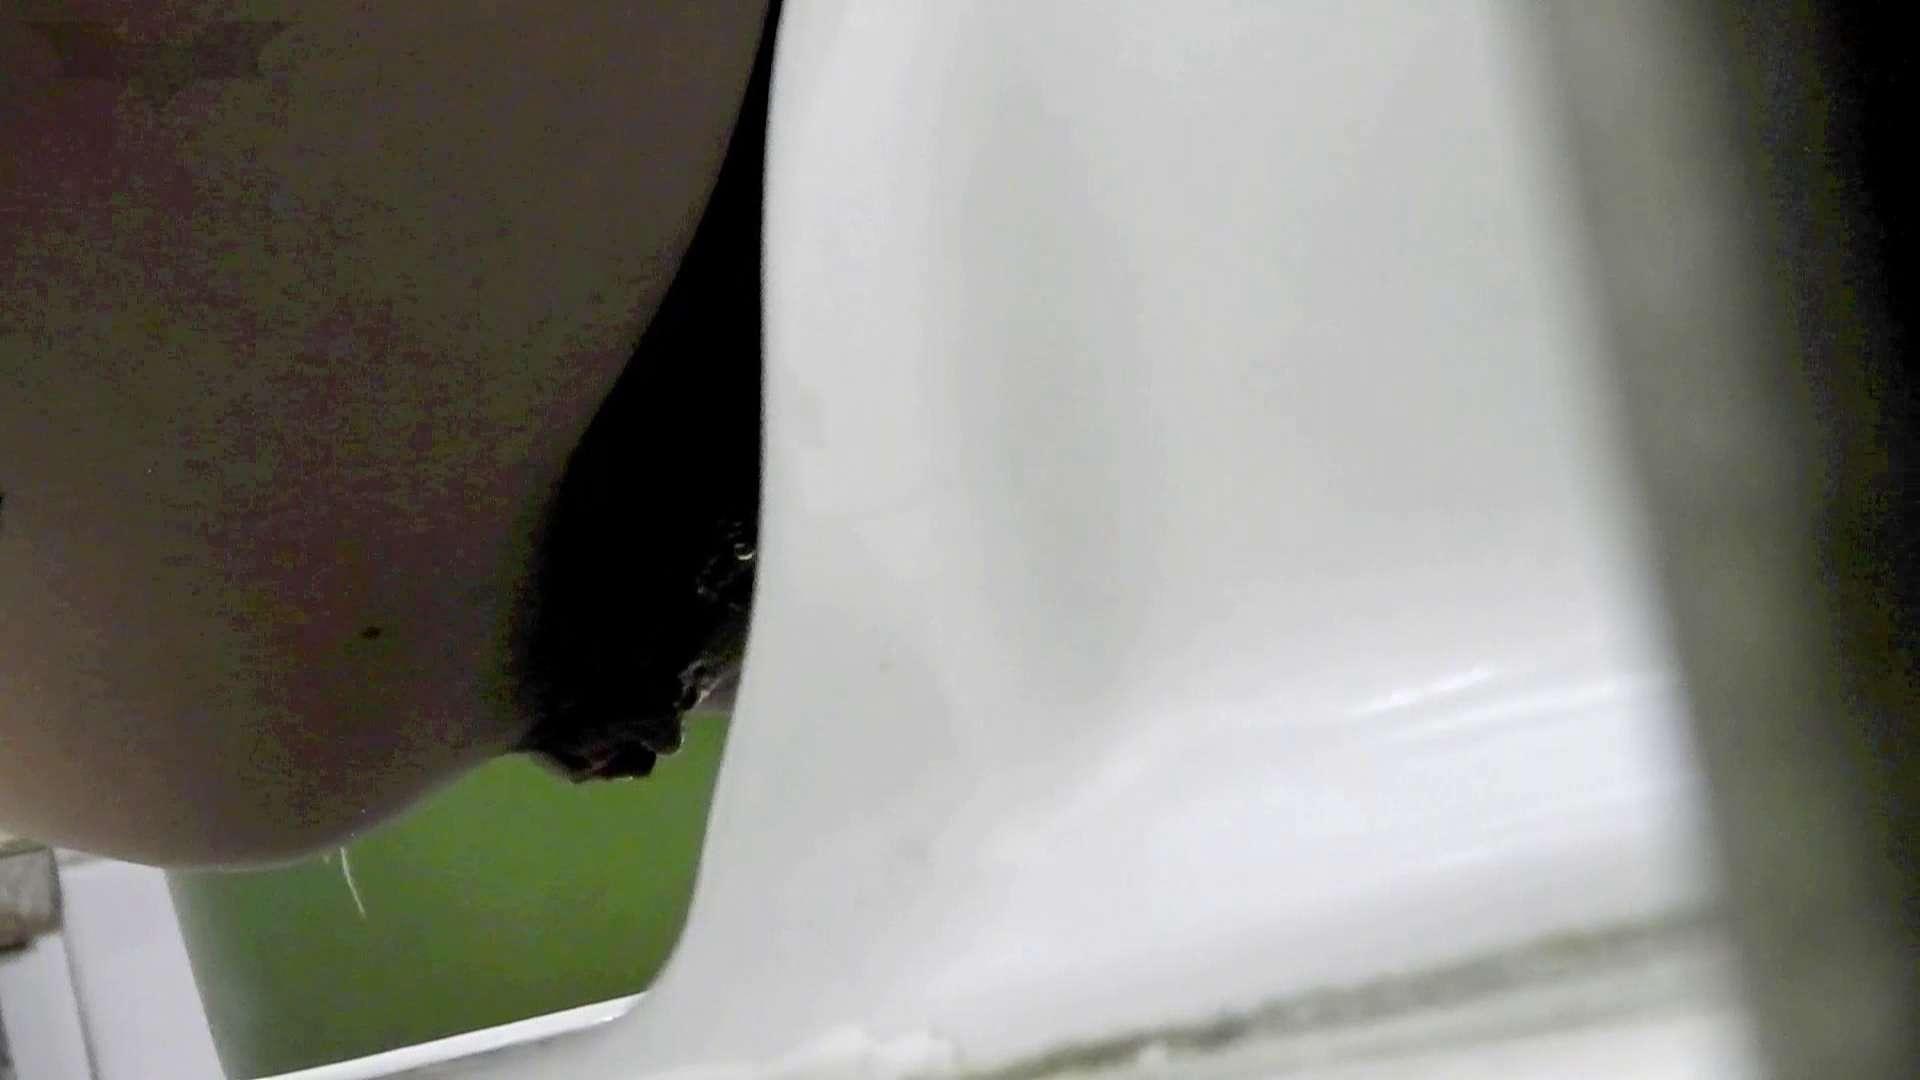 洗面所特攻隊 vol.73 ラスト3澄ました顔して、まさかの脱肛!! OL女体 | 洗面所  98連発 63